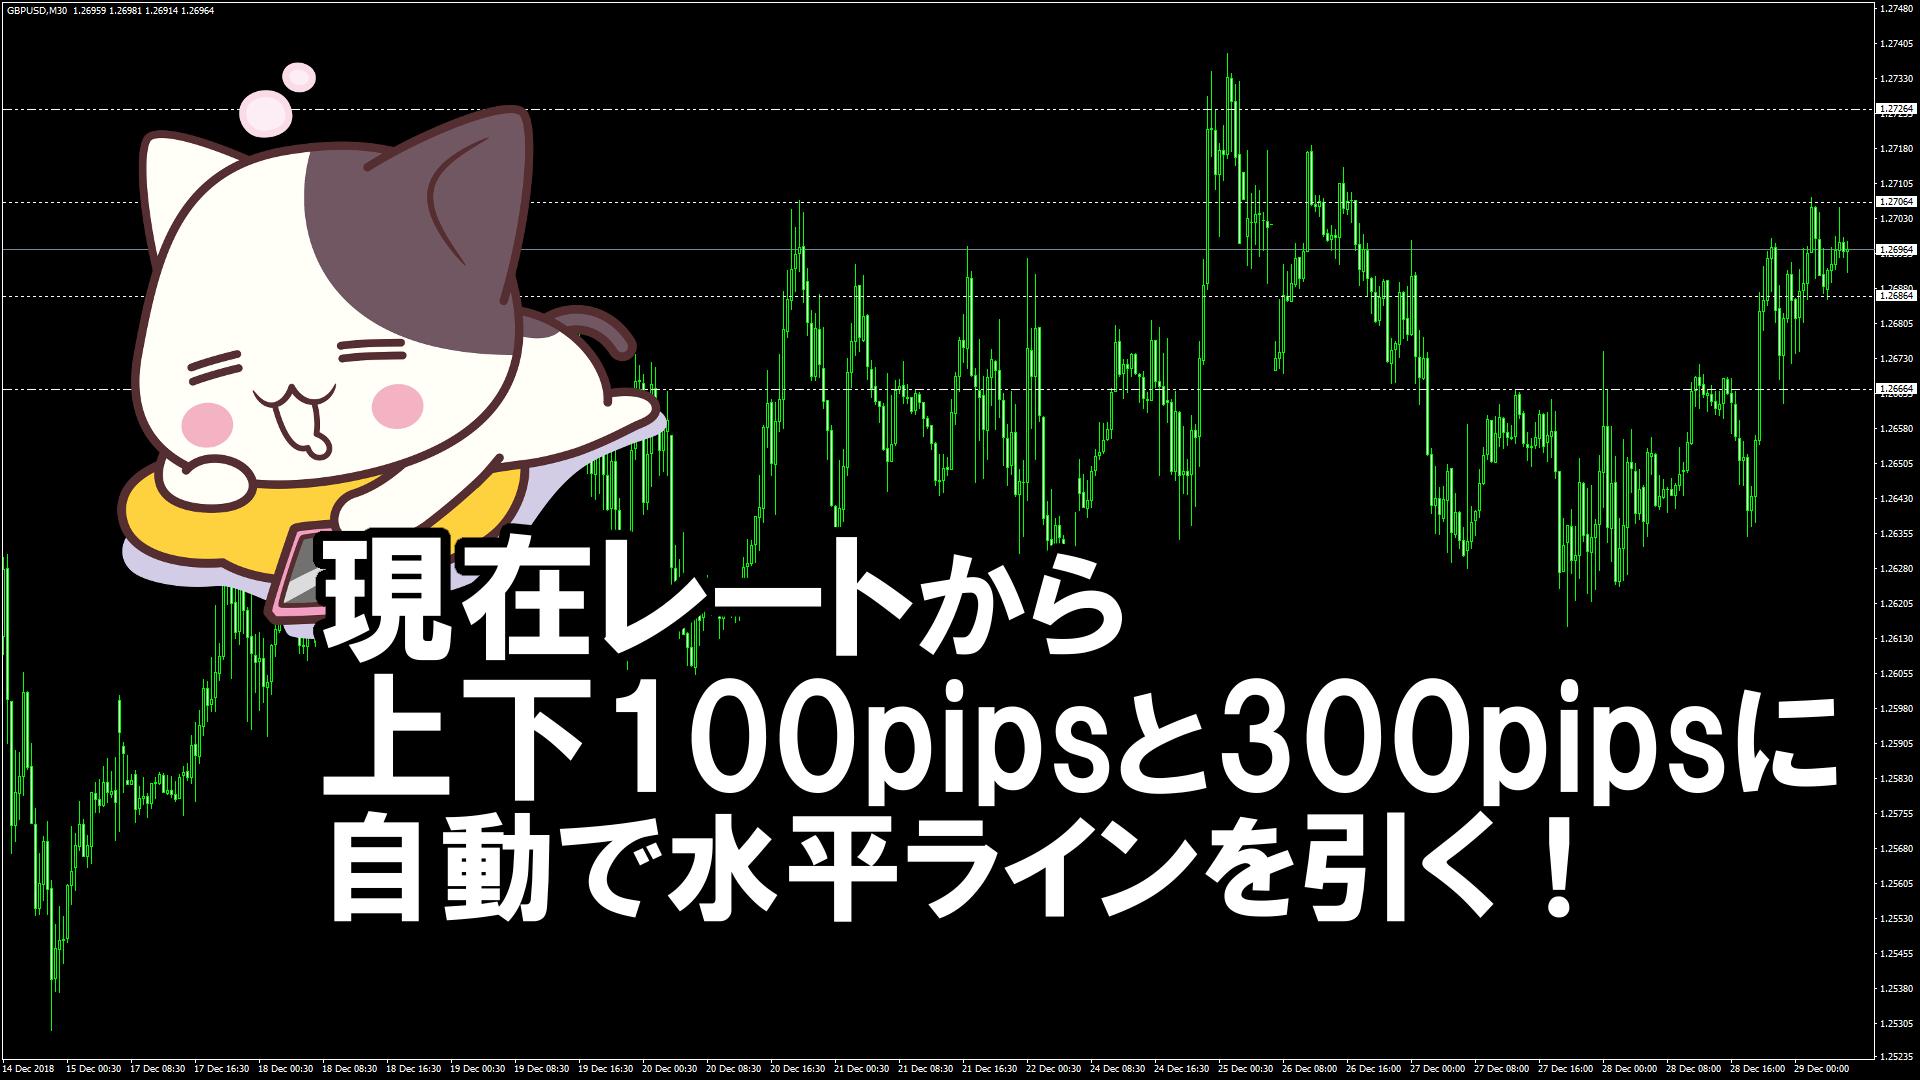 現在レートから上下100pipsと300pipsに自動で水平ラインを引くMT4インジケーター『A_Stops』